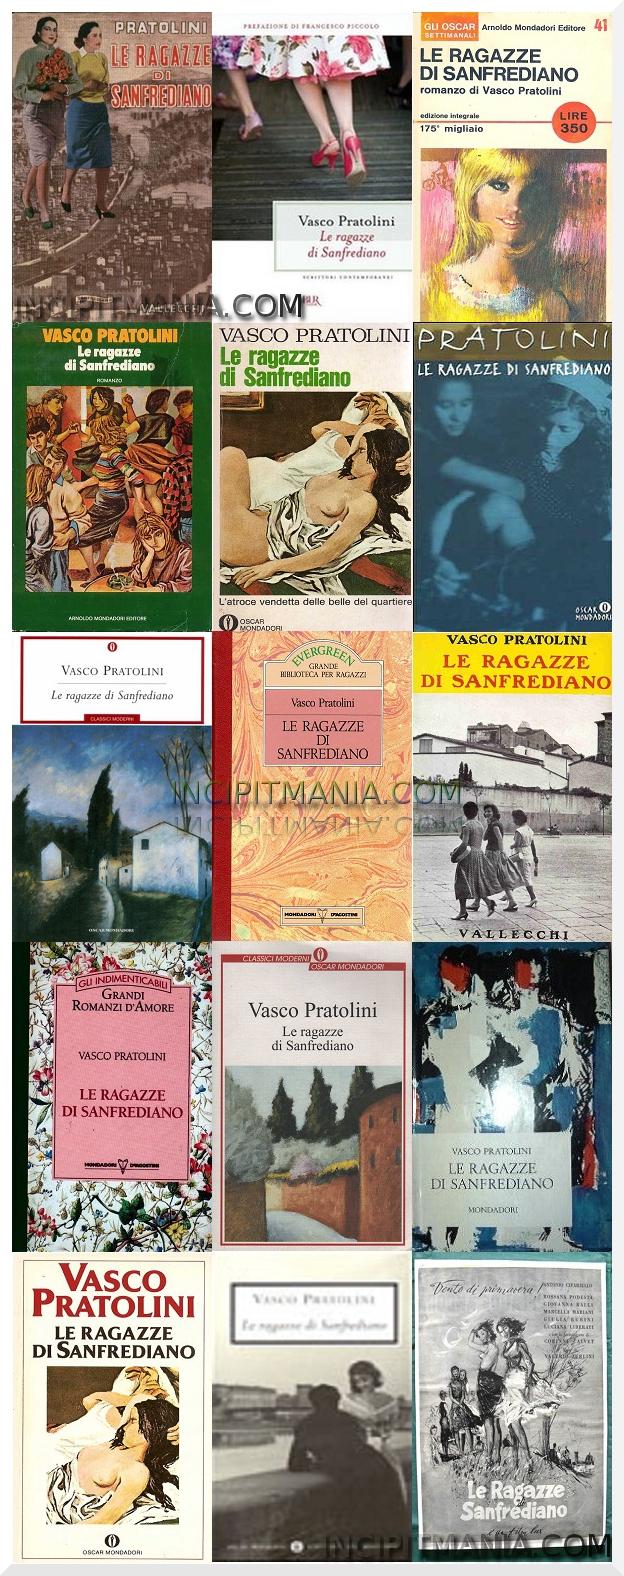 Copertine di Le ragazze di Sanfrediano di Vasco Pratolini